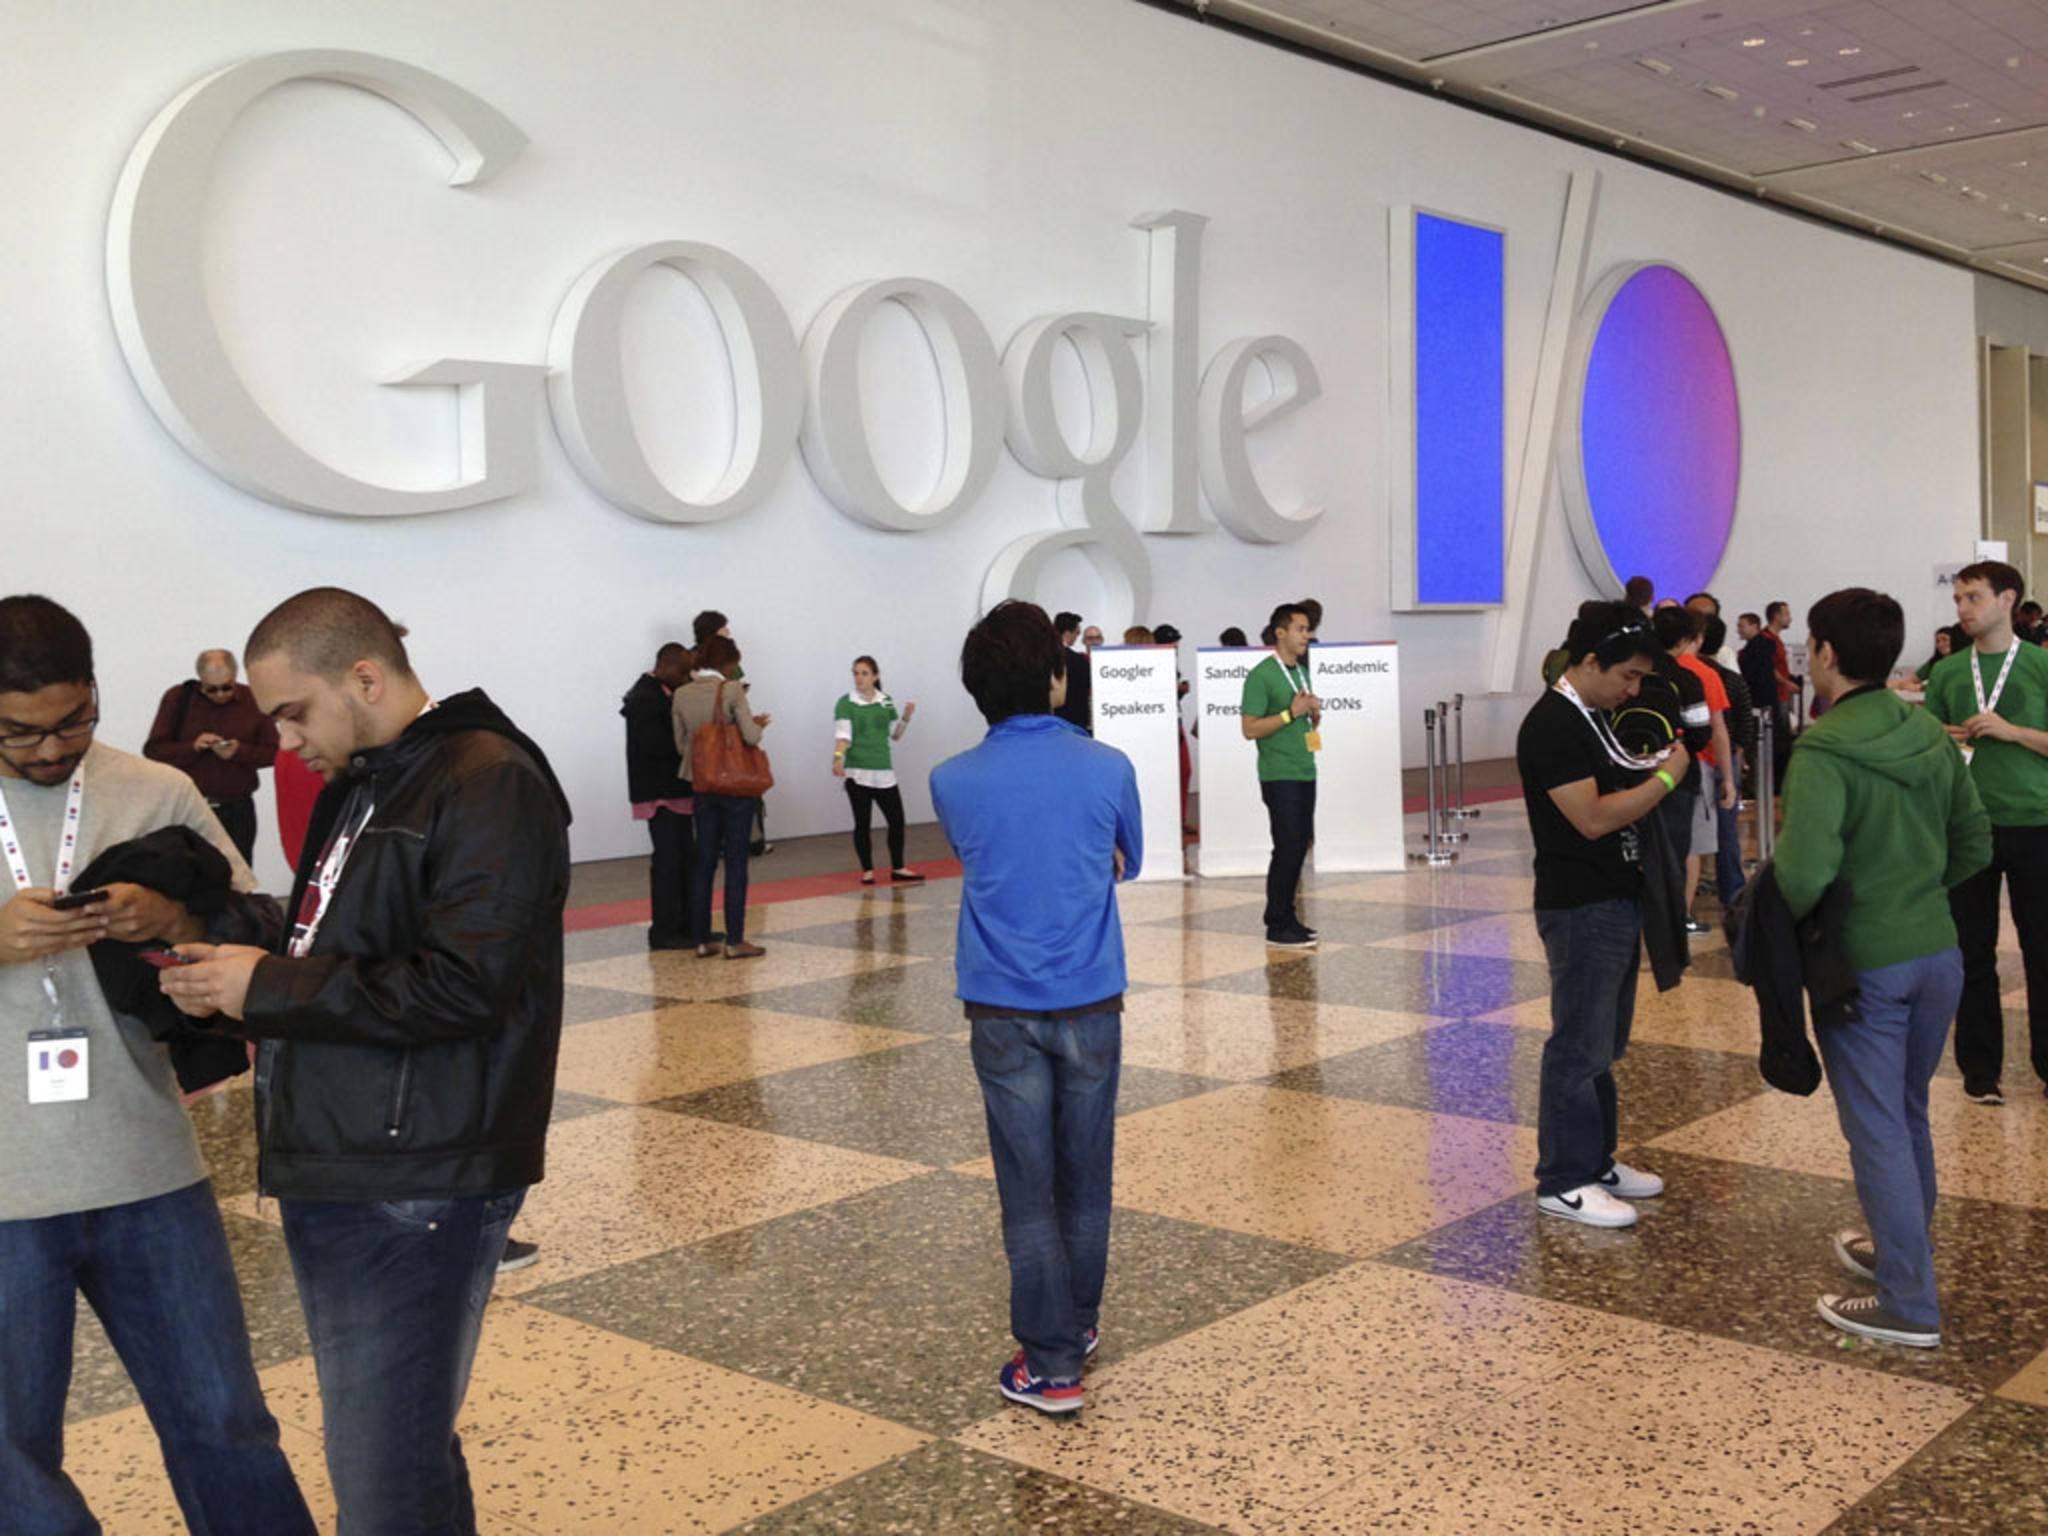 Auf der Google I/O 2015 könnte das kommende Android M enthüllt werden.